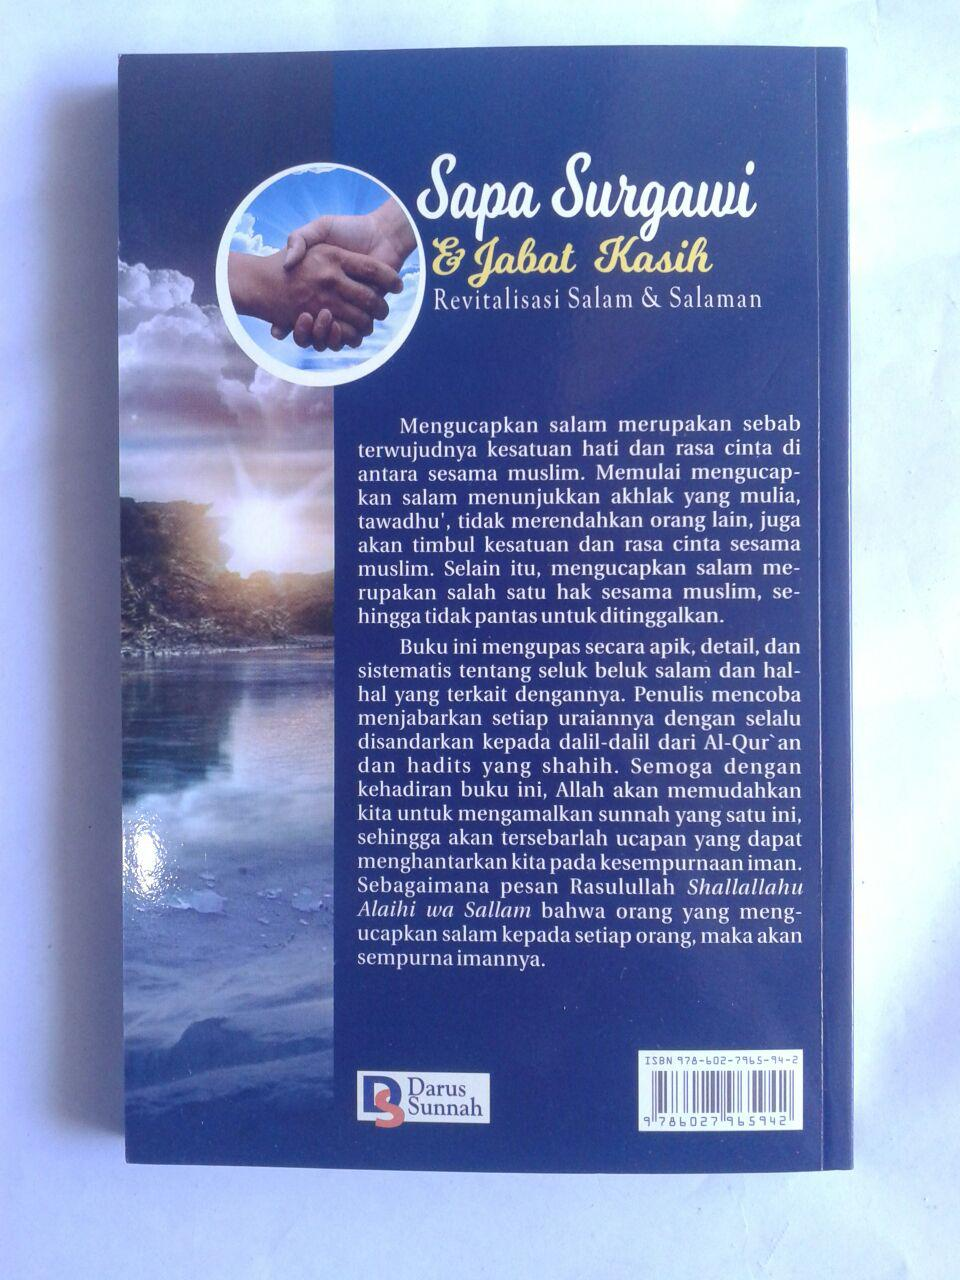 Buku Sapa Surgawi Dan Jabat Kasih Revitalisasi Salam cover 2